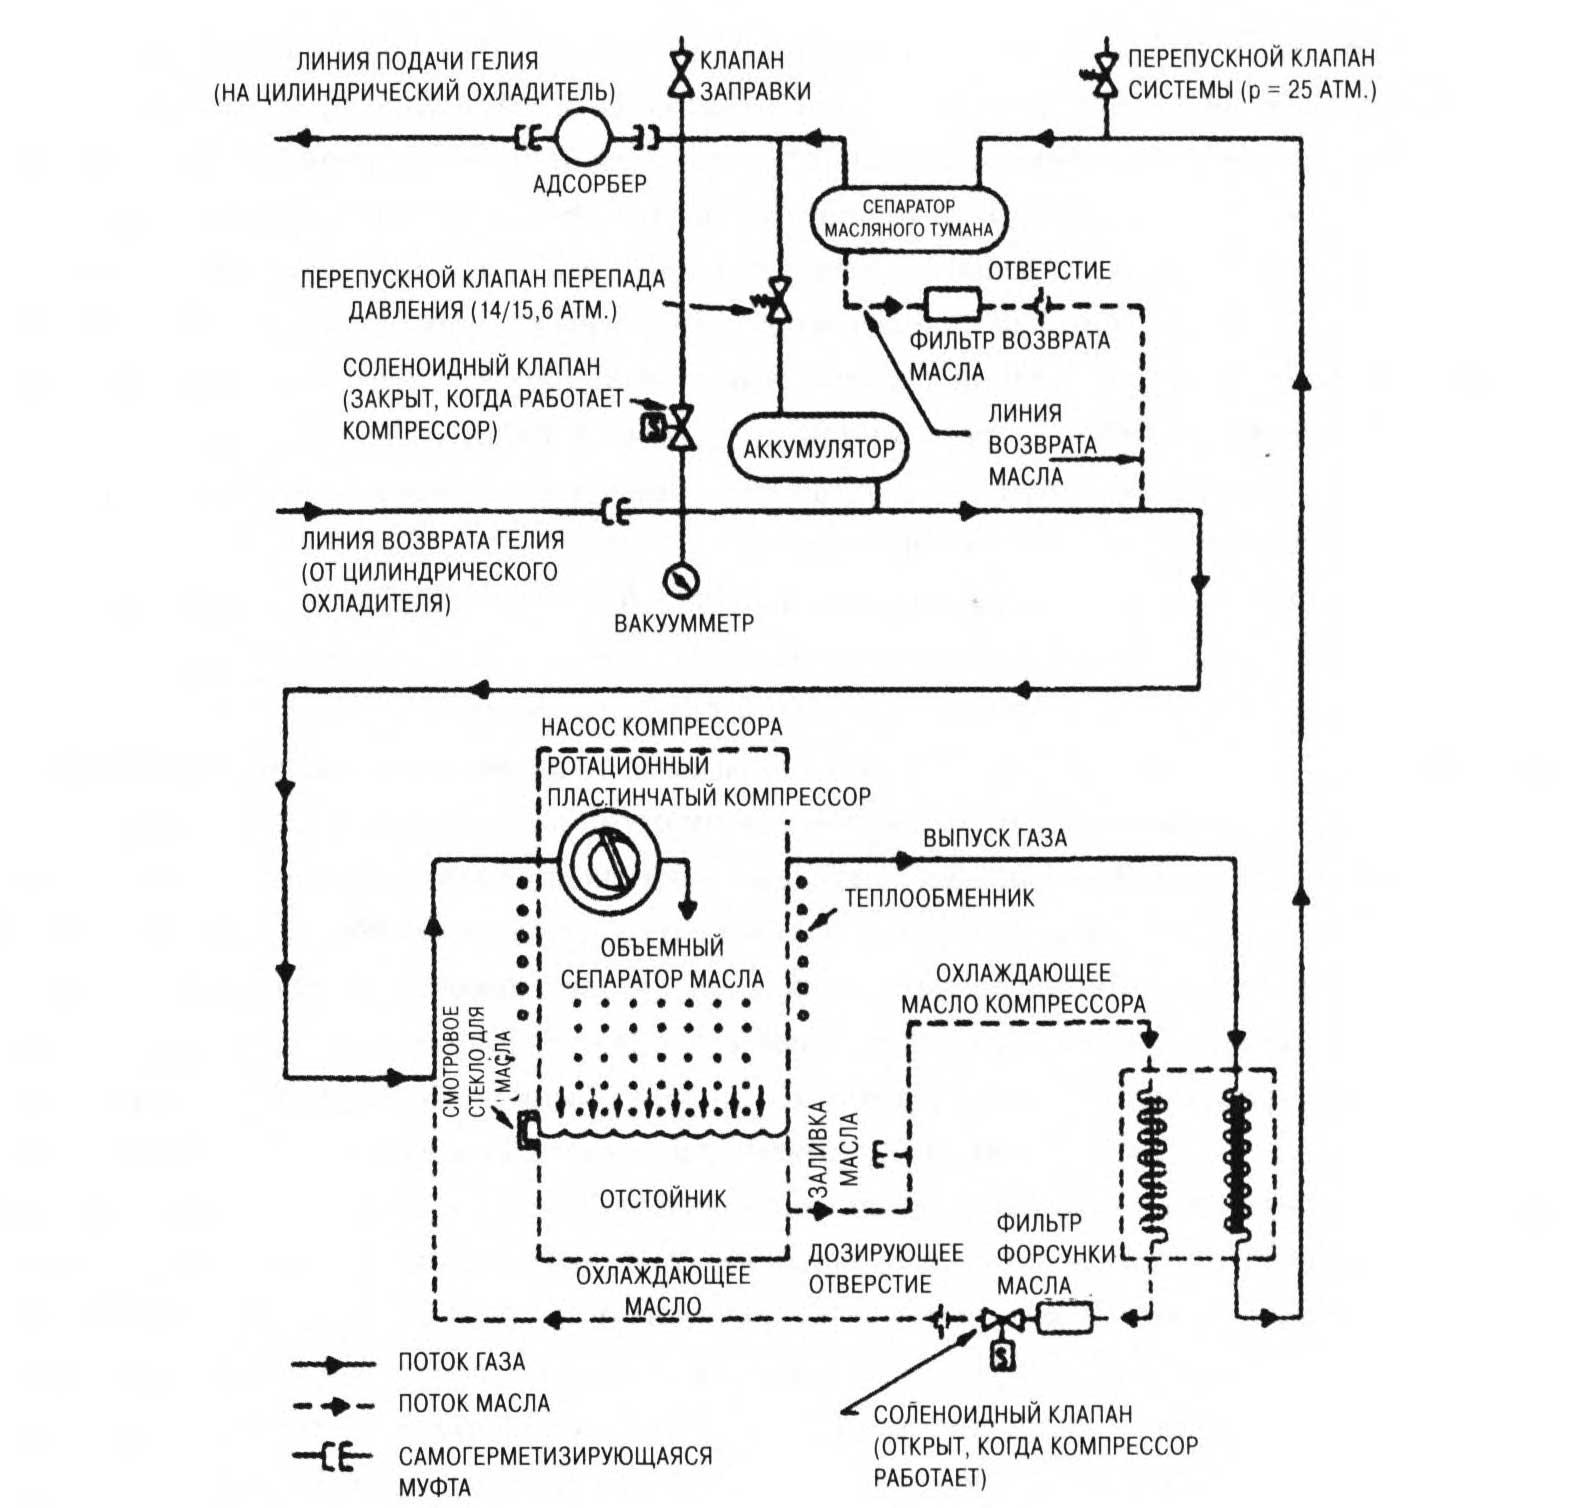 система циркуляции гелия масла и охлаждающей воды в компрессоре крионасоса